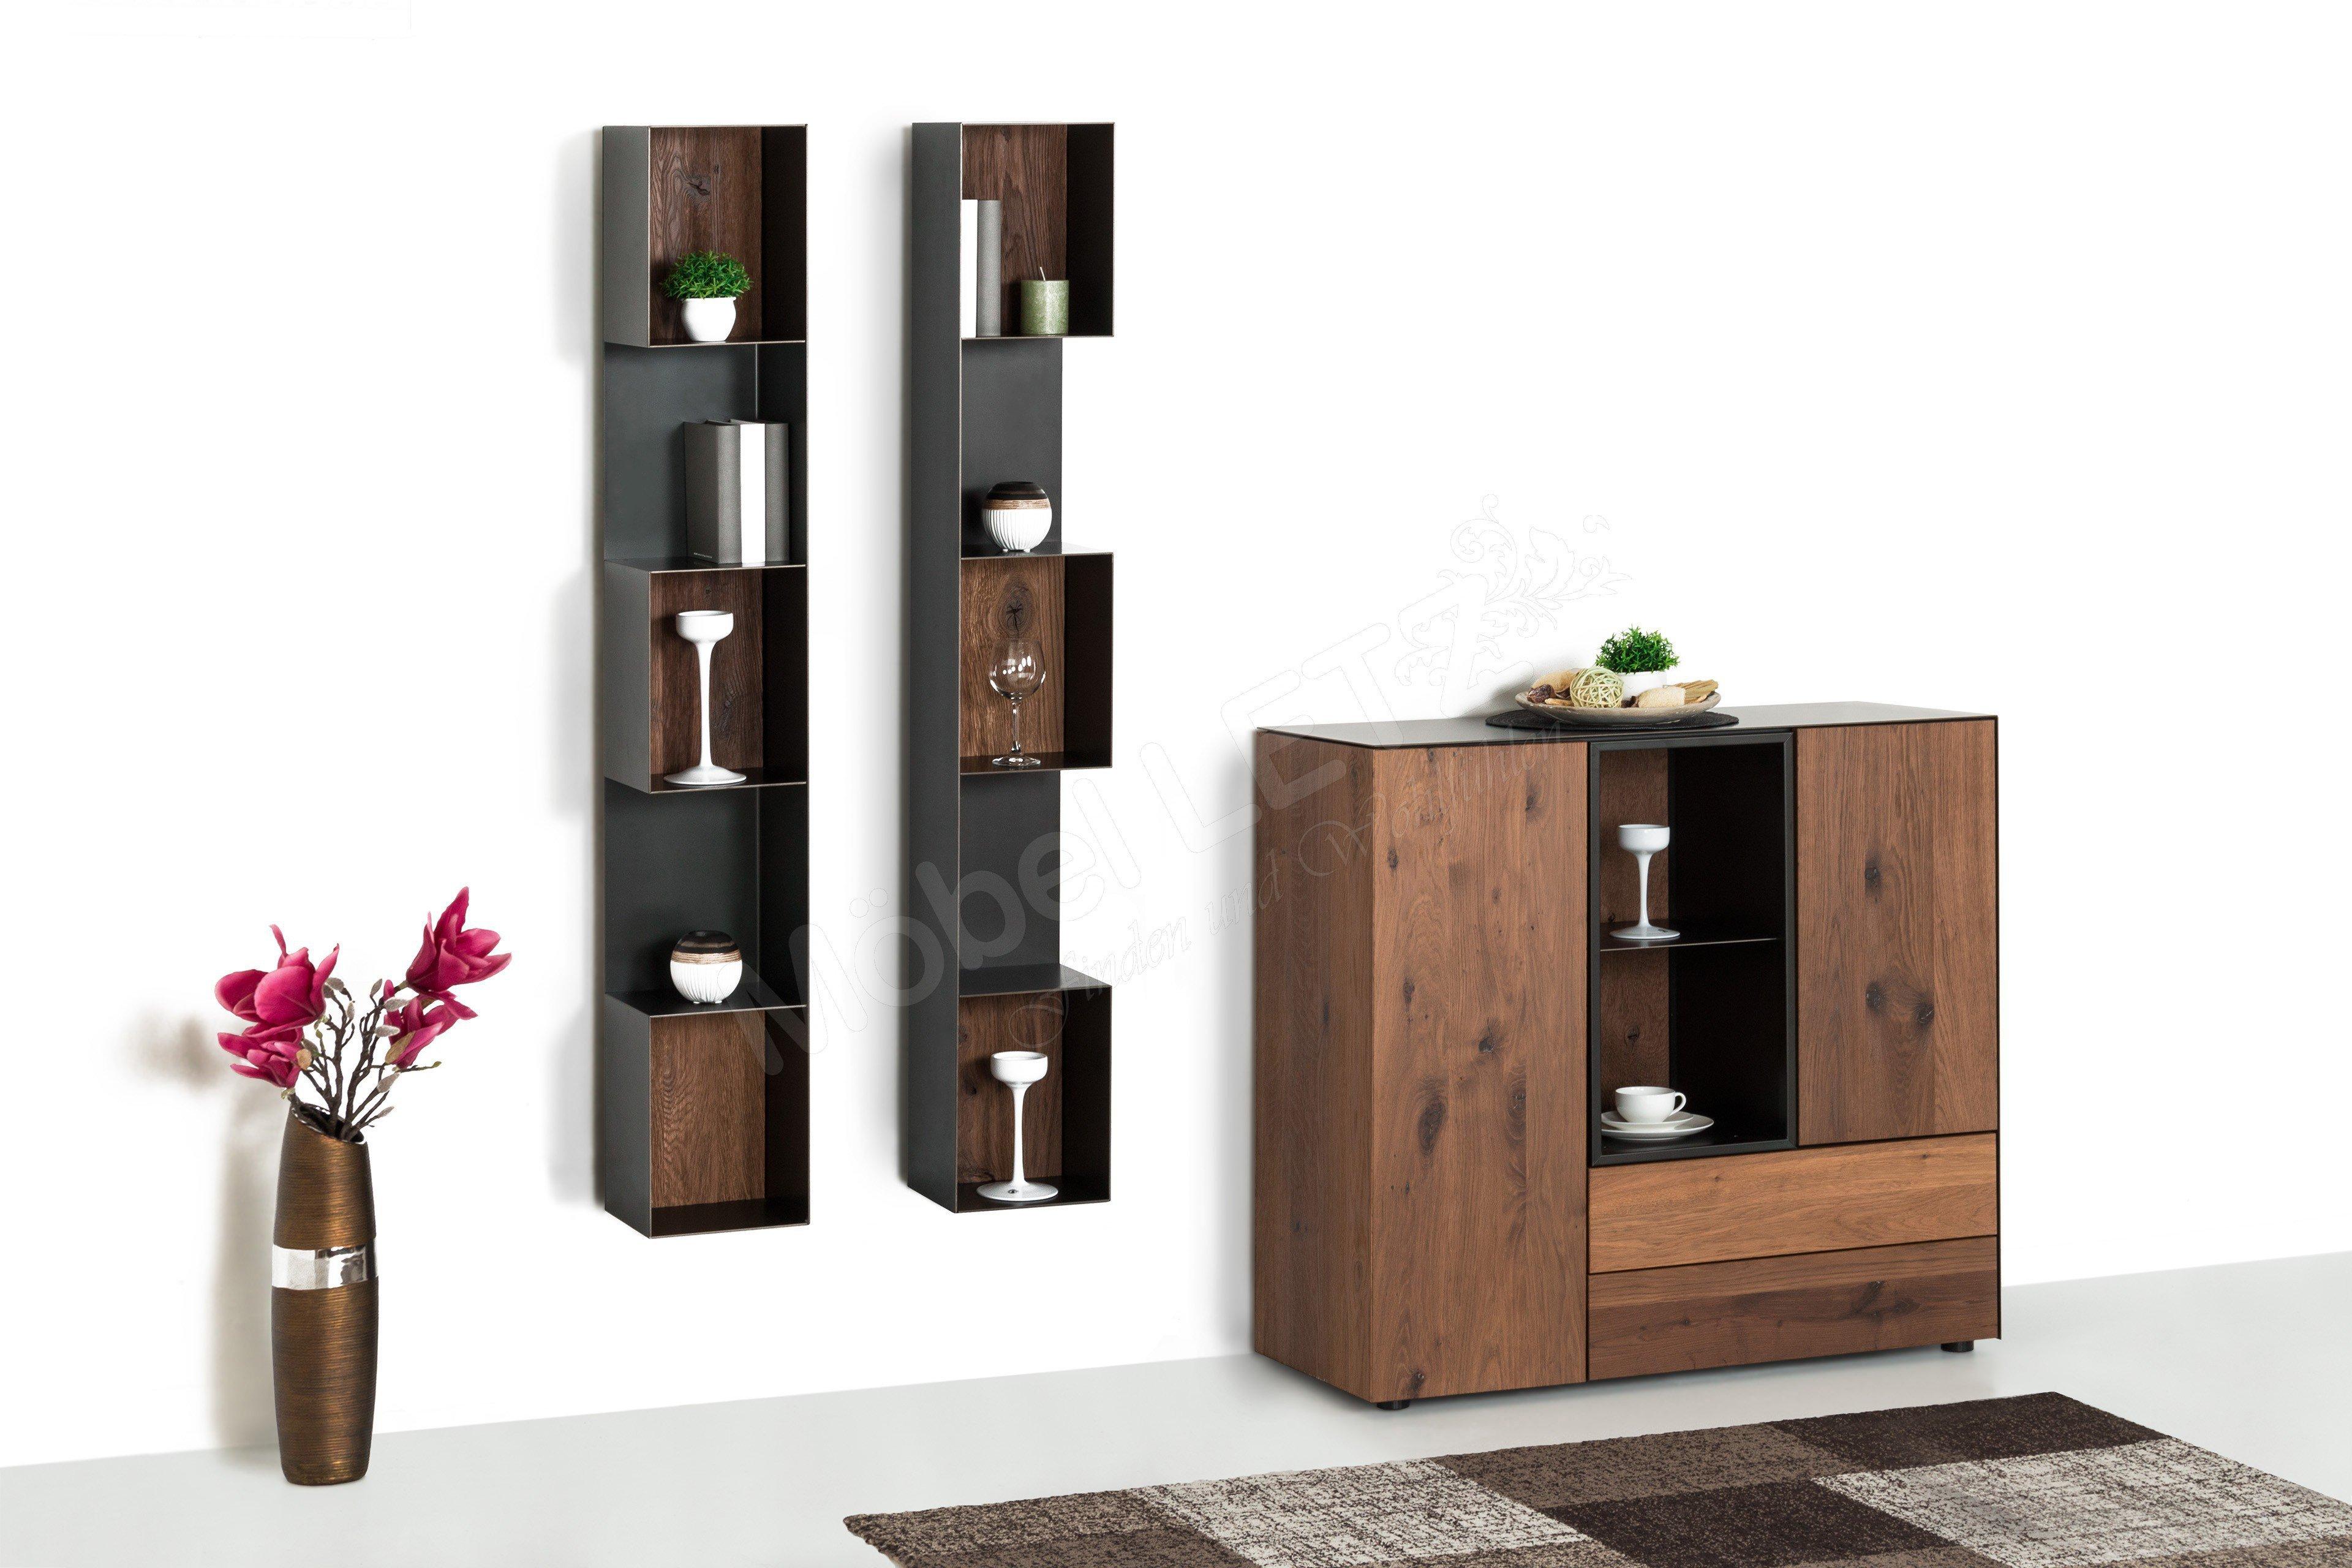 w stmann highboard kombination nw 550 r uchereiche stahl m bel letz ihr online shop. Black Bedroom Furniture Sets. Home Design Ideas